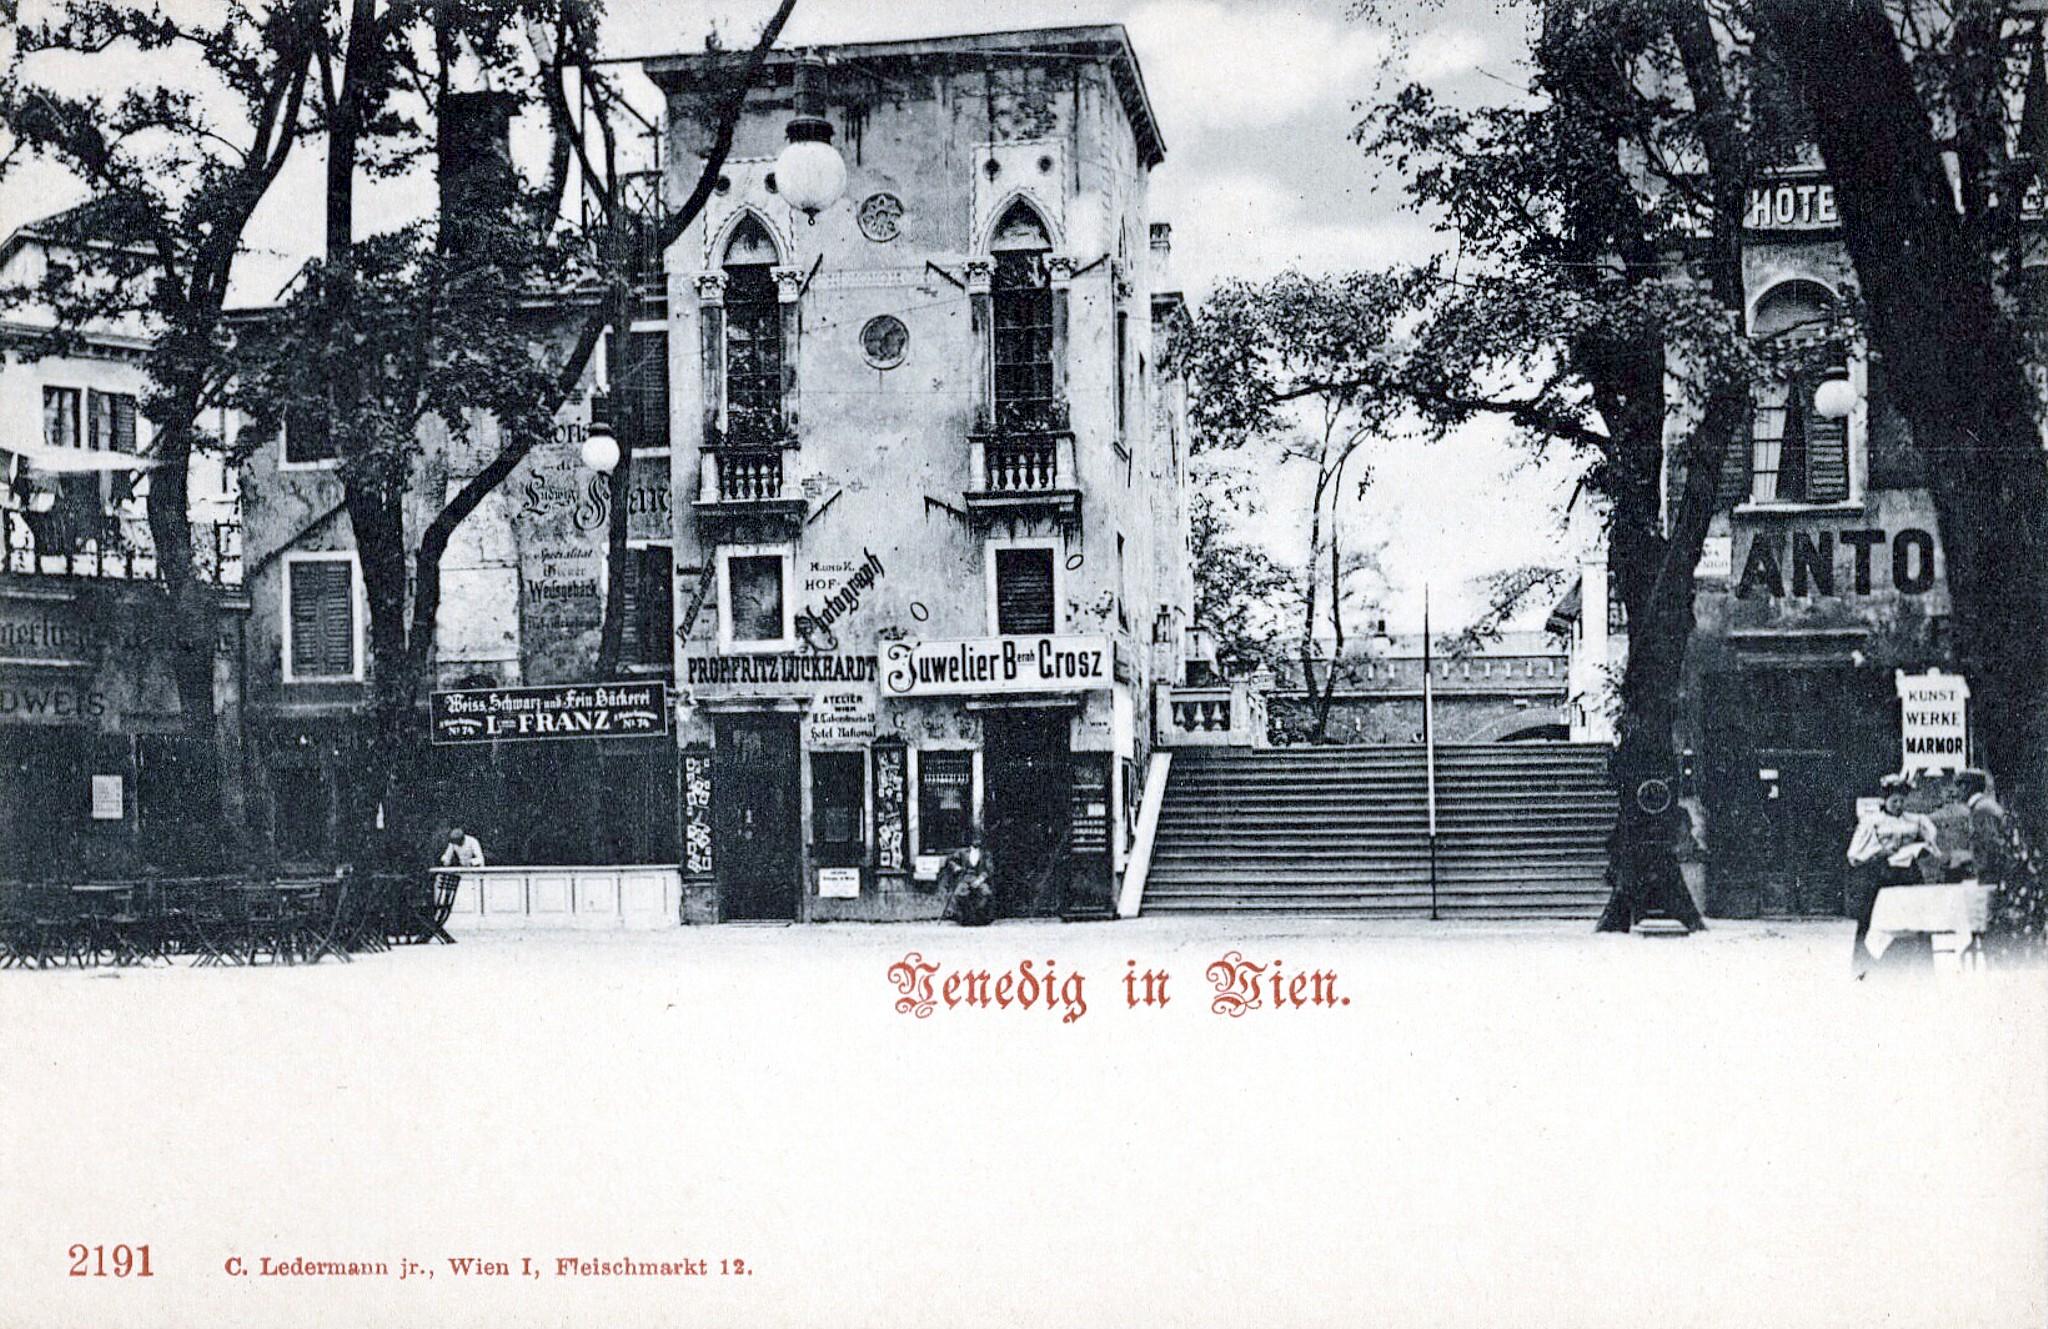 Wien 1899, Venedig in Wien I